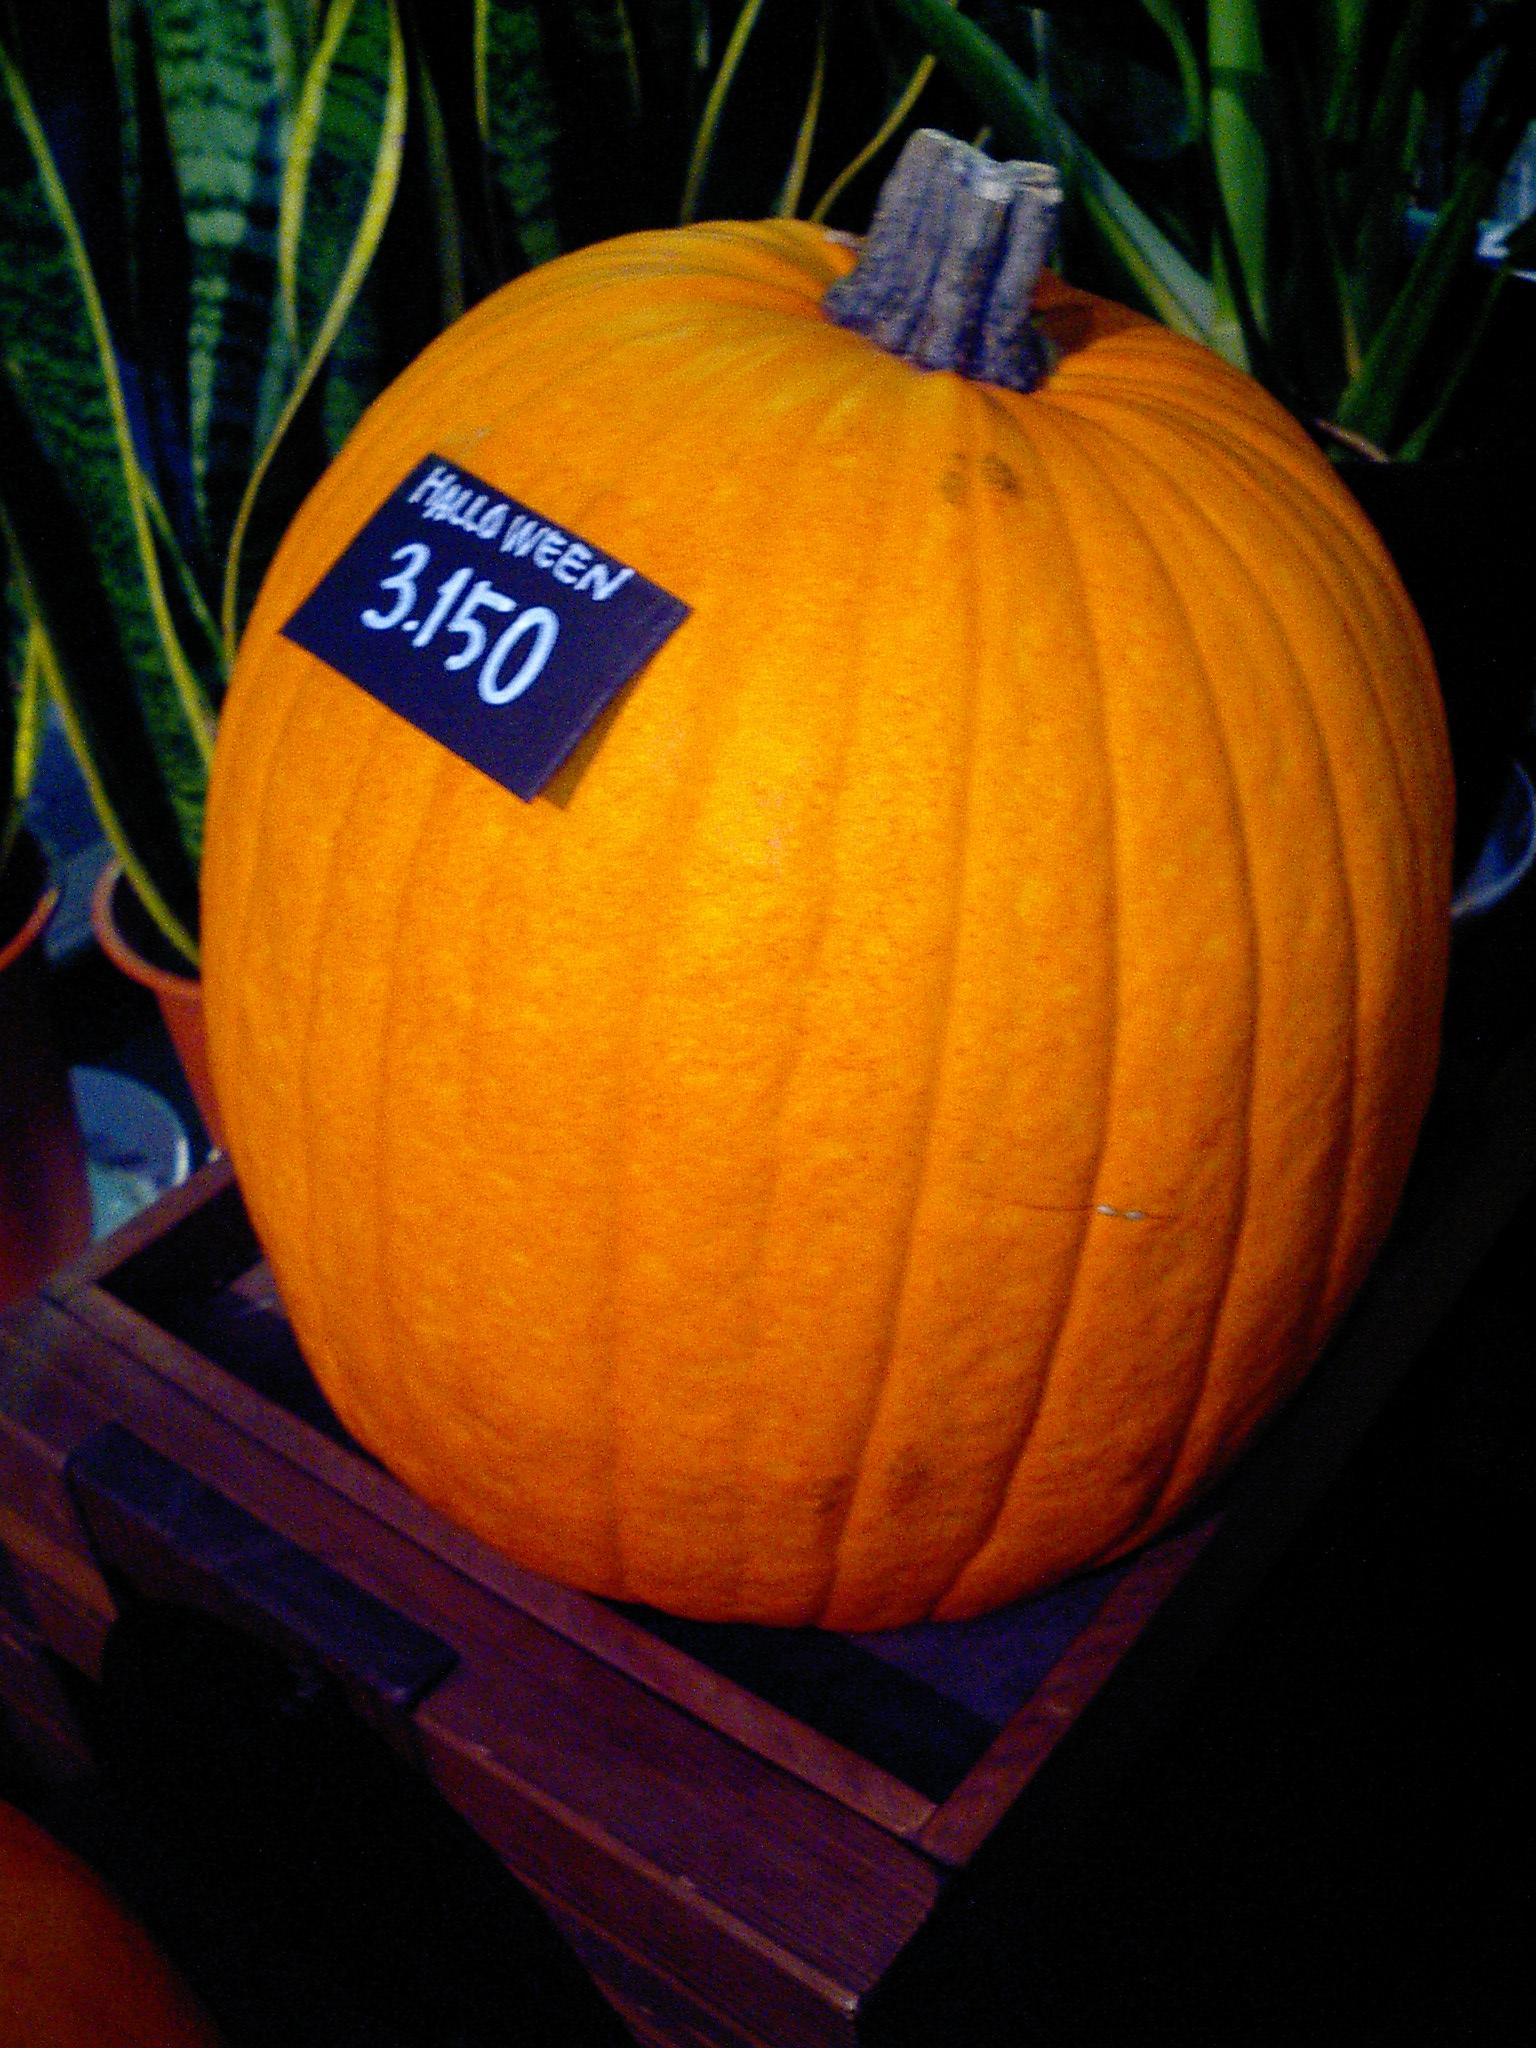 私、今まで、ディスプレイ用のおもちゃのようにかわいいかぼちゃとか、ジャック・オ・ラタンって、どこで売っているんだろうと思っていたのですが、お花屋さんで  ...